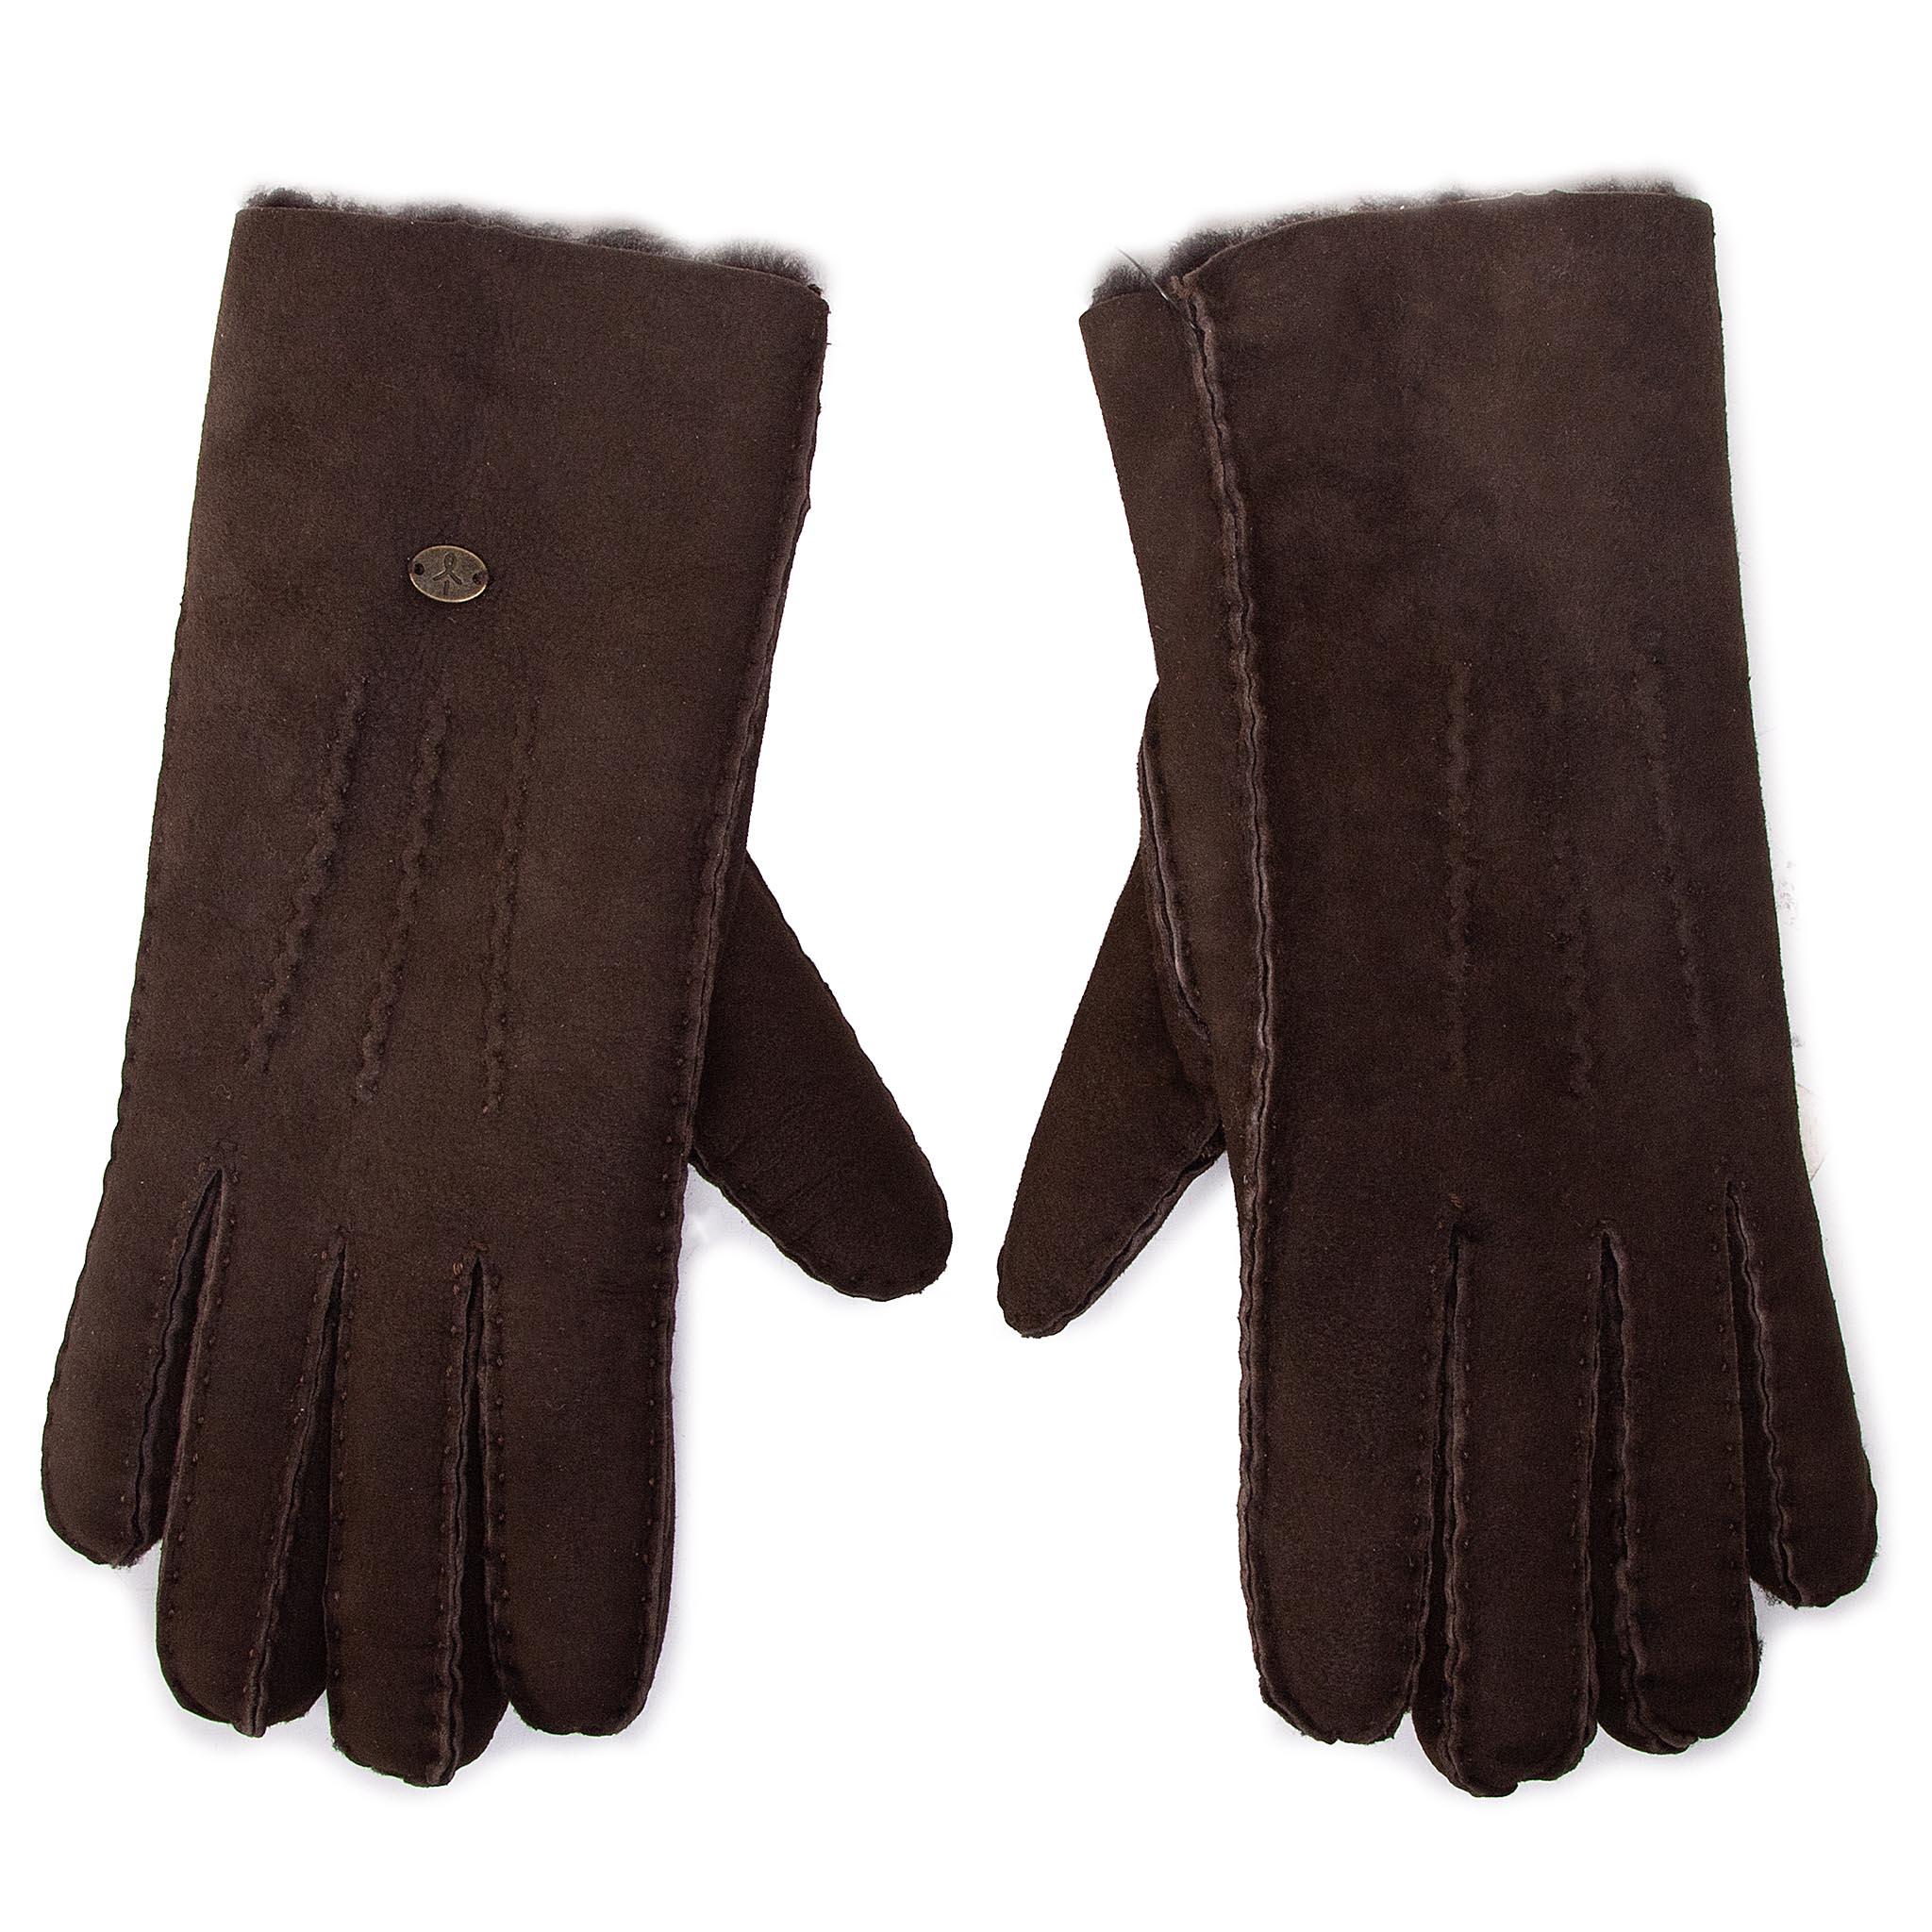 Image of Damenhandschuhe EMU AUSTRALIA - Beech Forest Gloves Chocolate